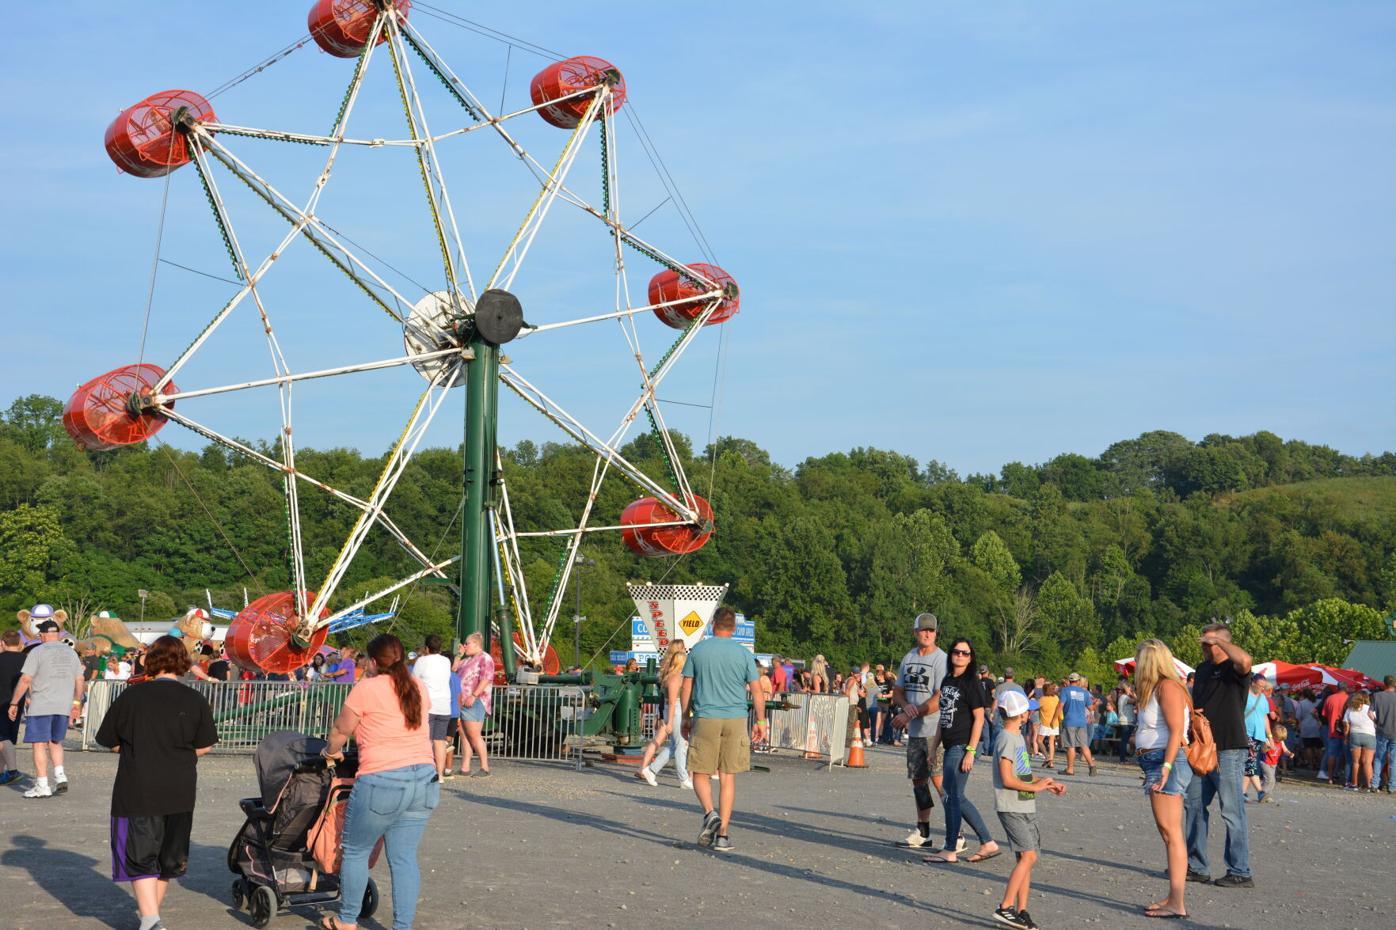 Taylor County Fair crowd